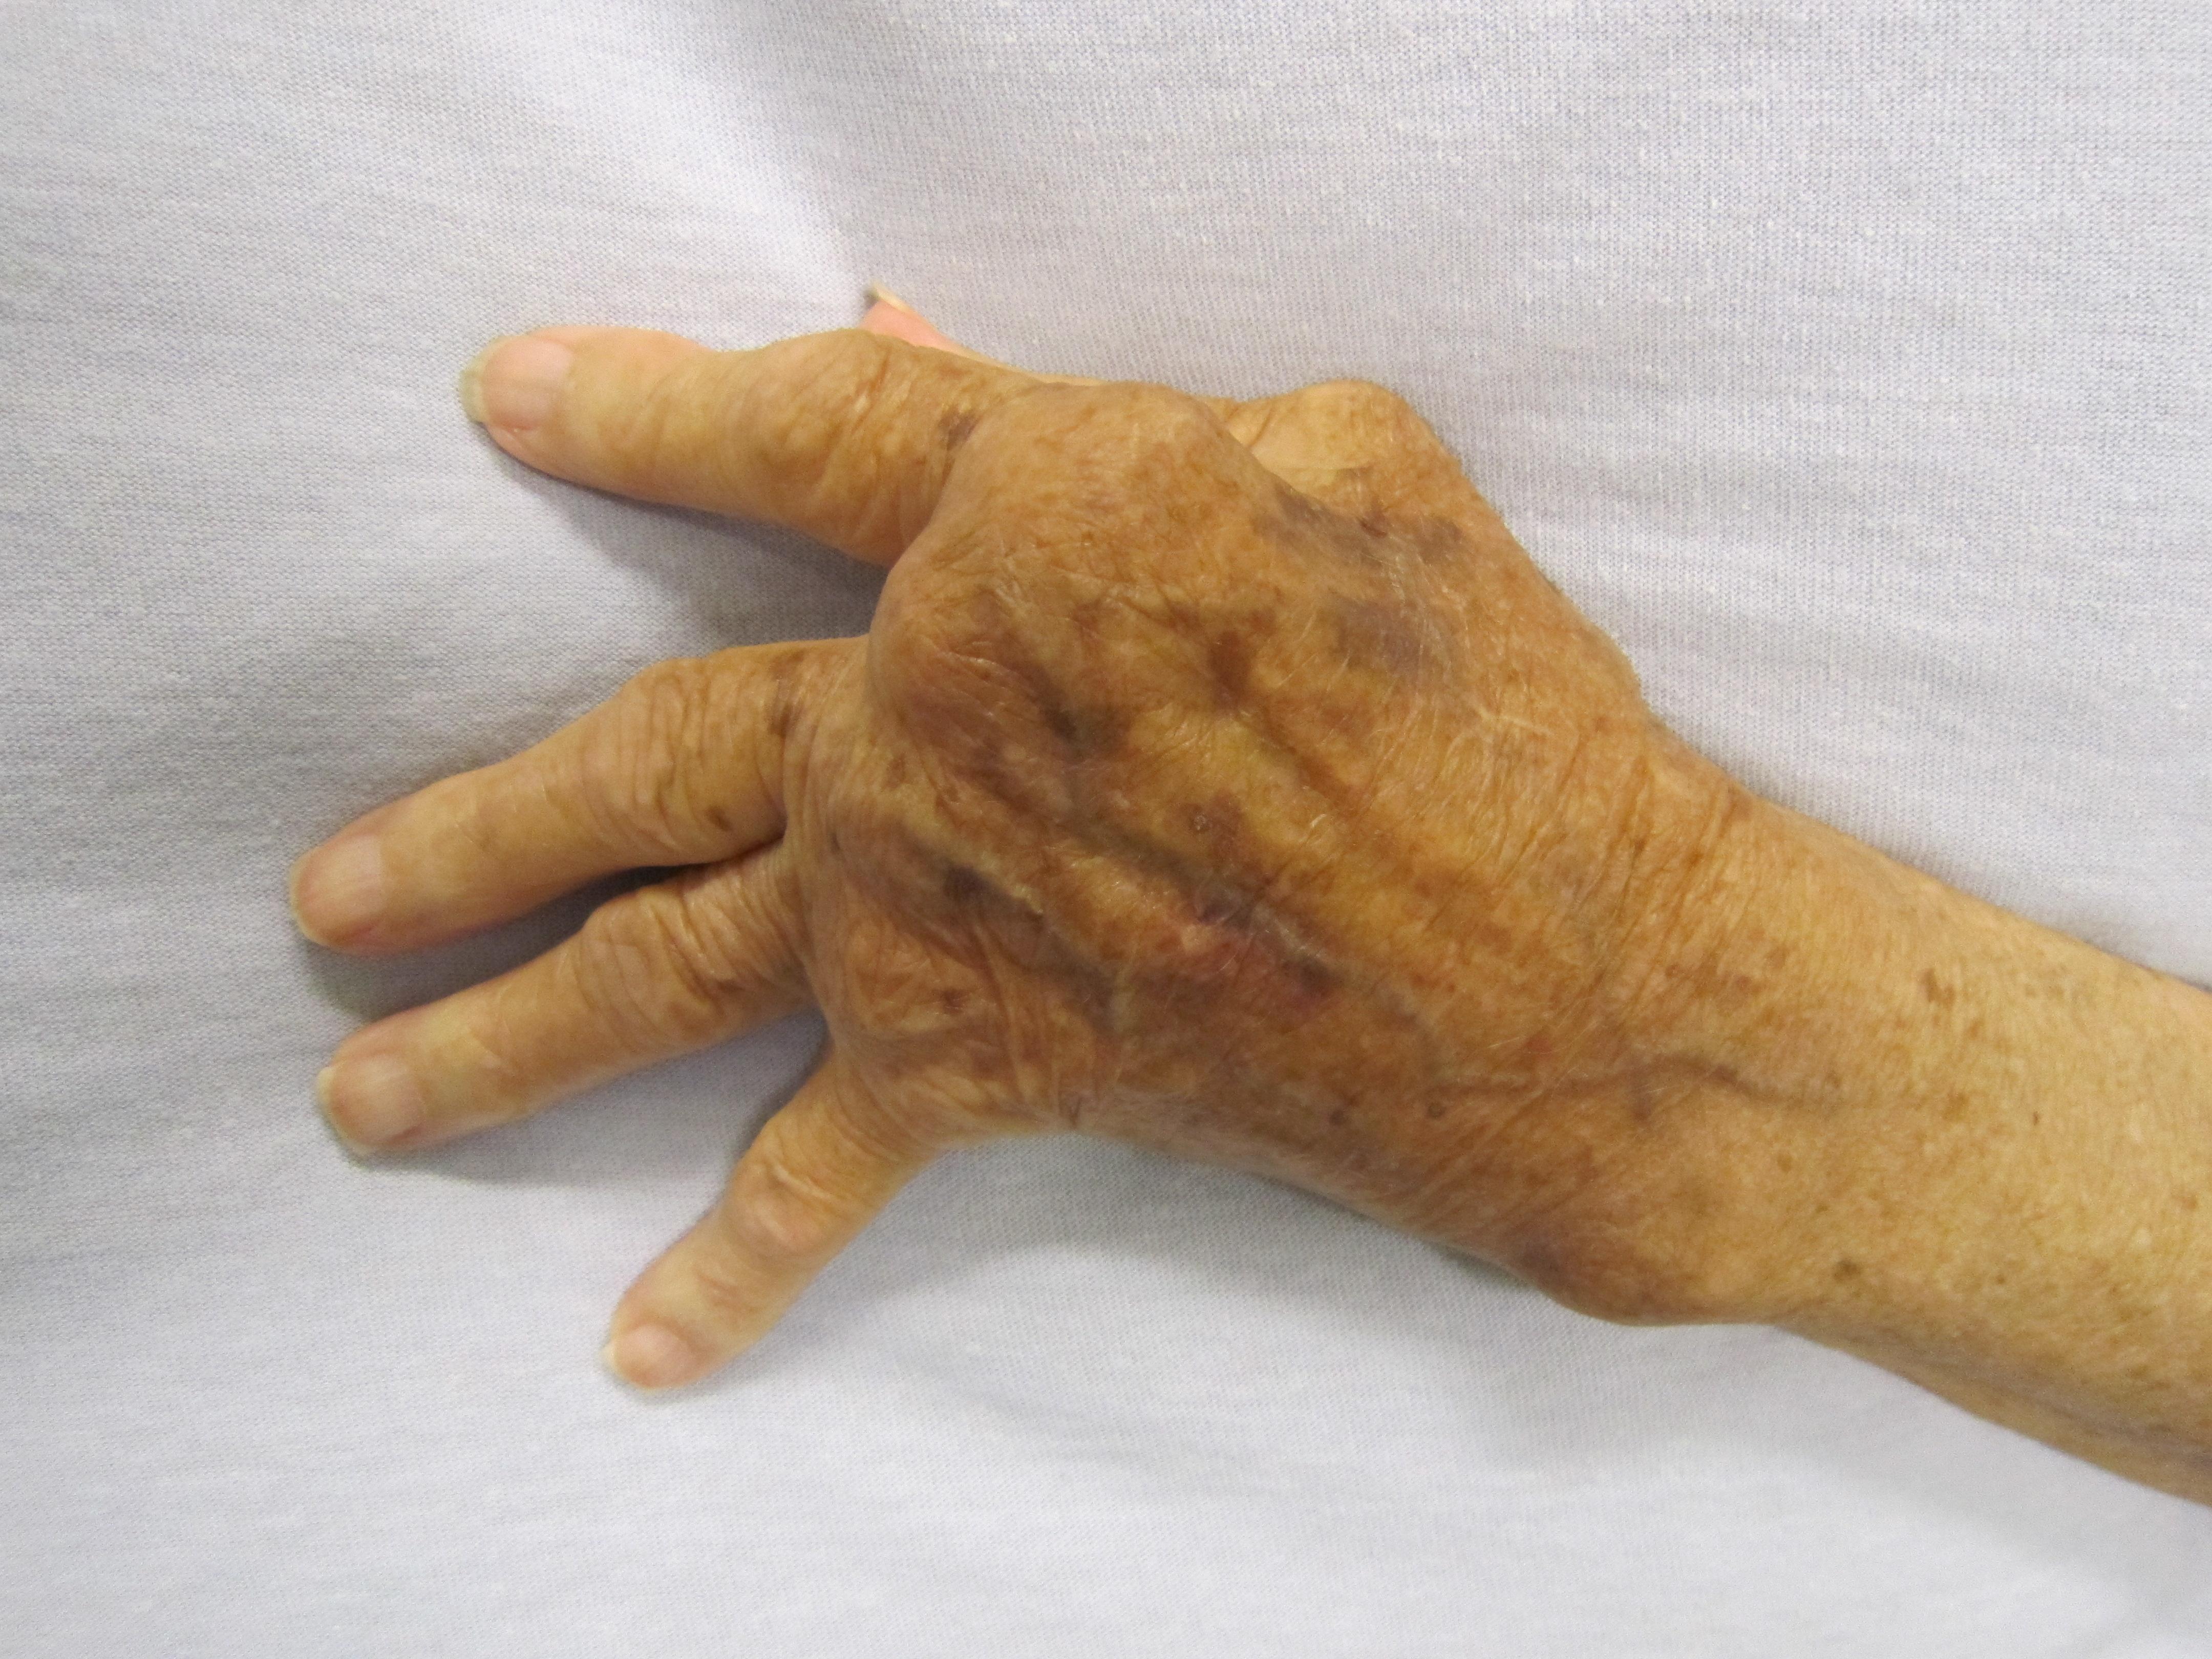 fájdalom a lábak ízületeiben reumatoid artritiszben)